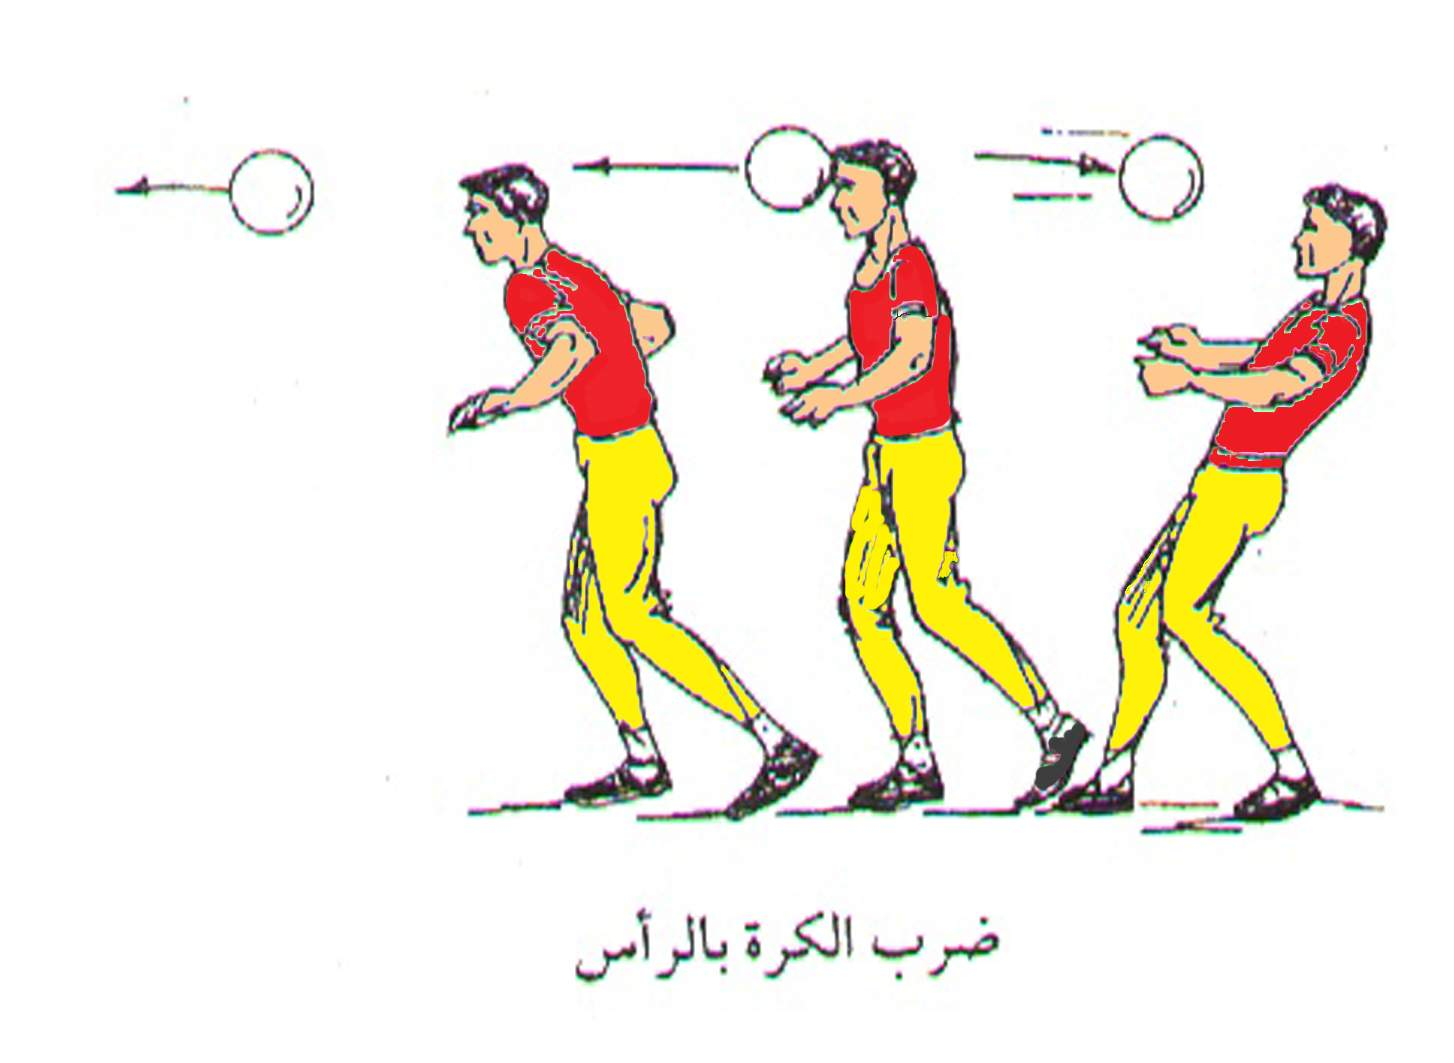 الهدف من لعبة كرة القدم